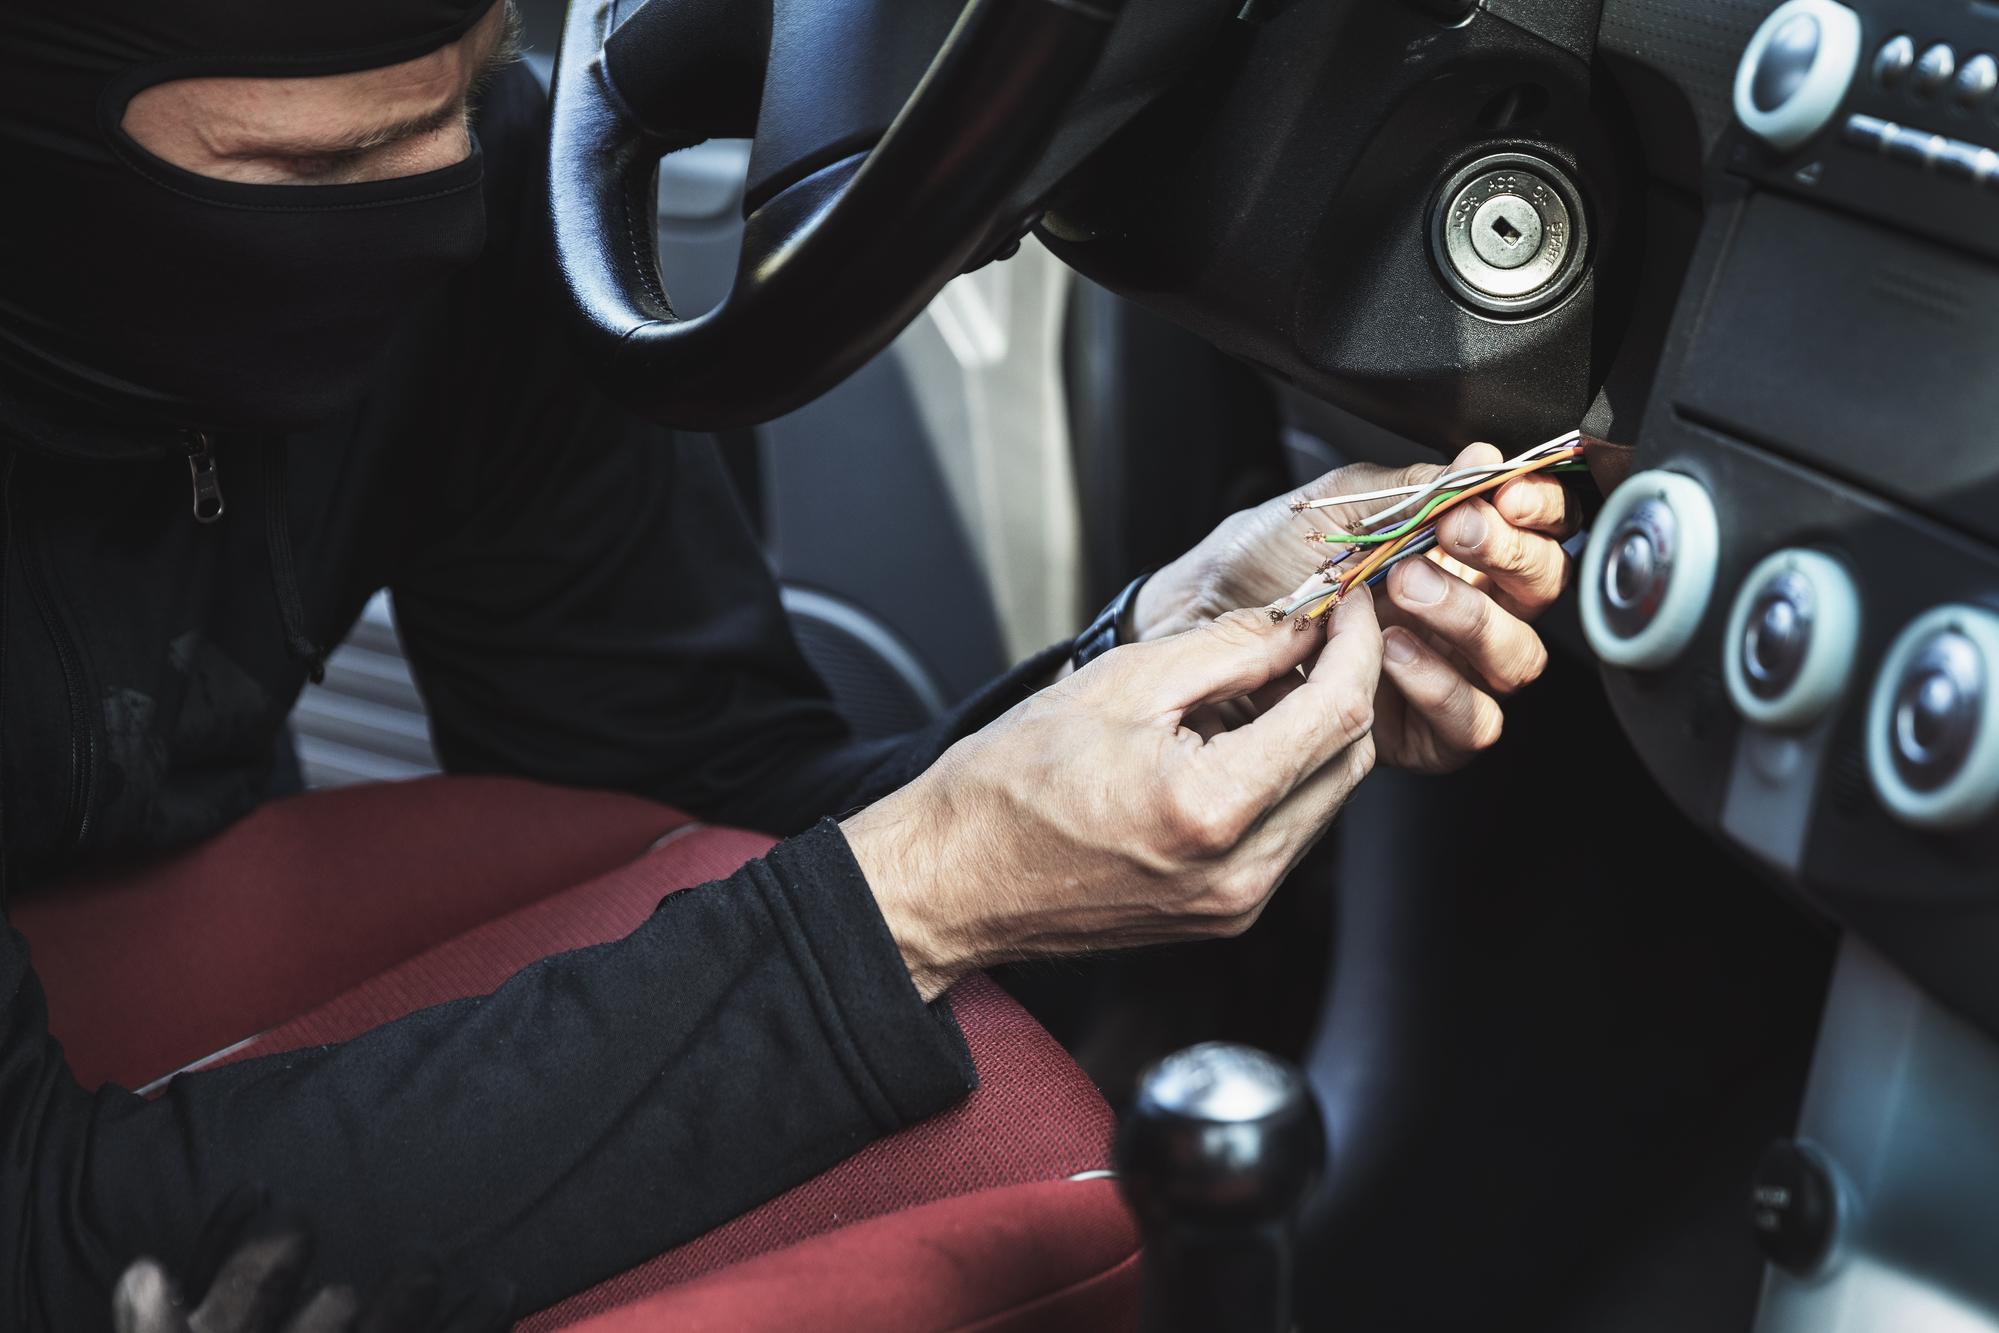 Что такое иммобилайзер в авто и для чего он нужен?